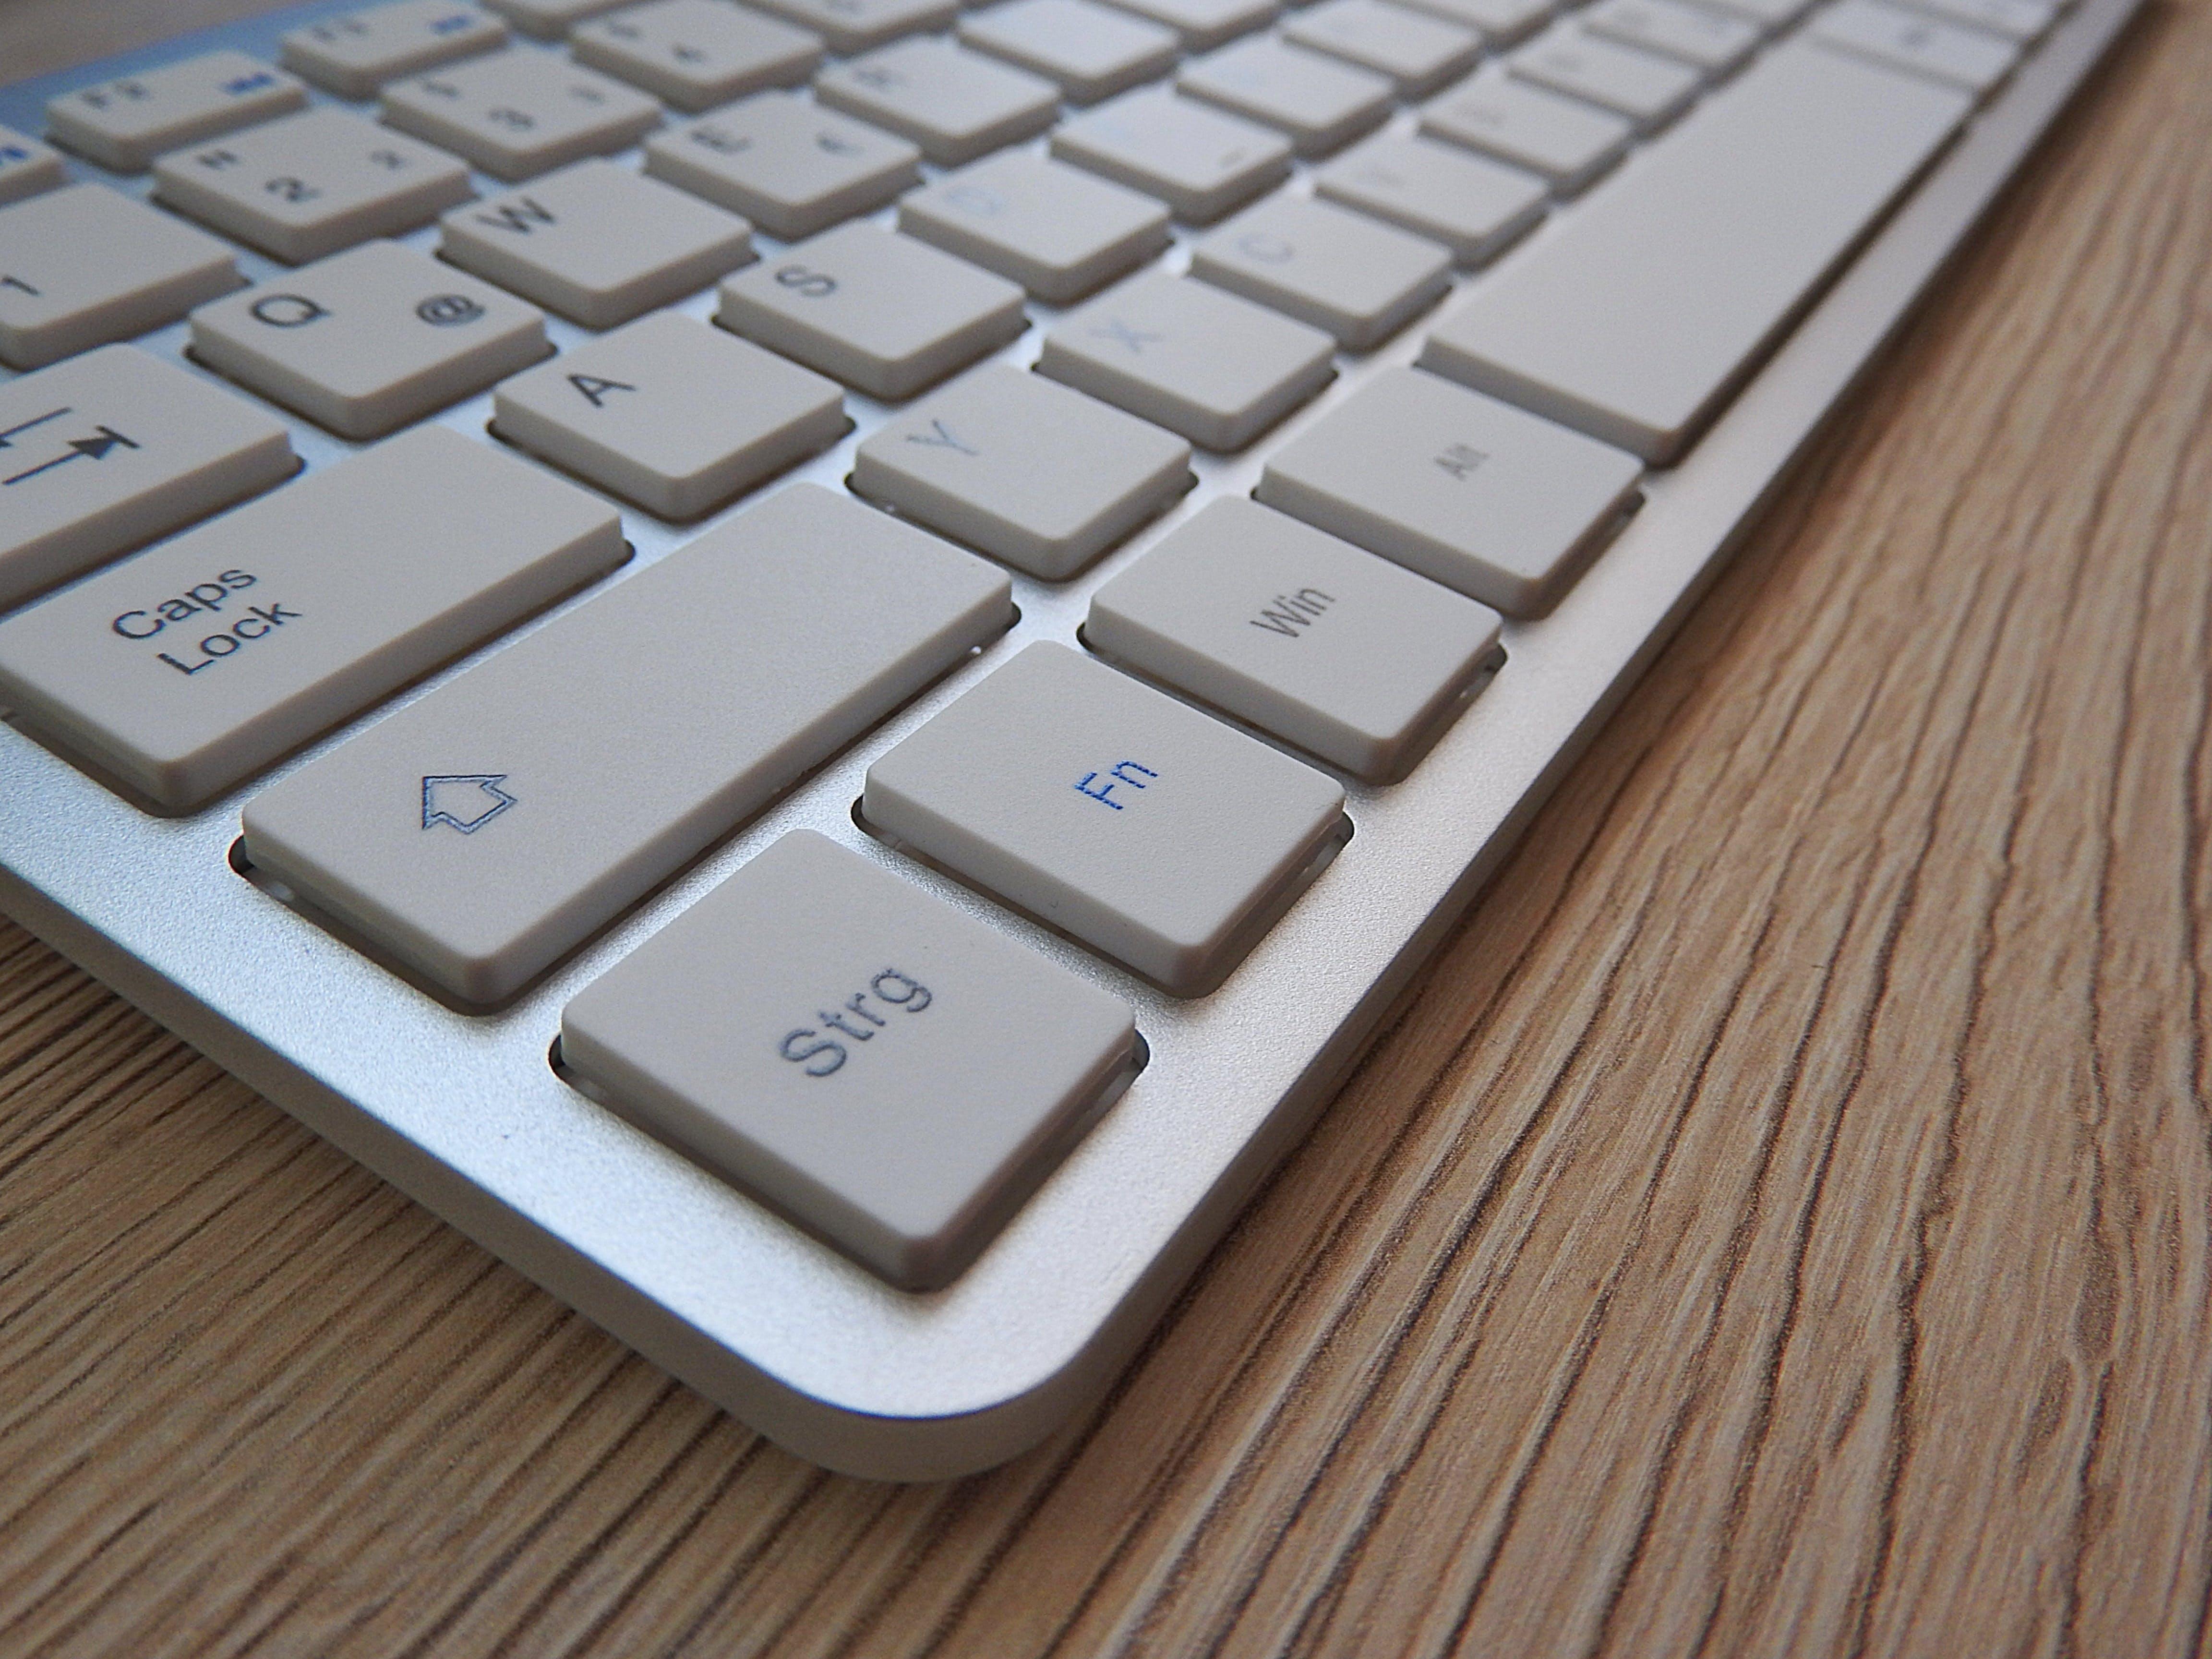 Kostenloses Stock Foto zu ausrüstung, bildschirm, büro, computer